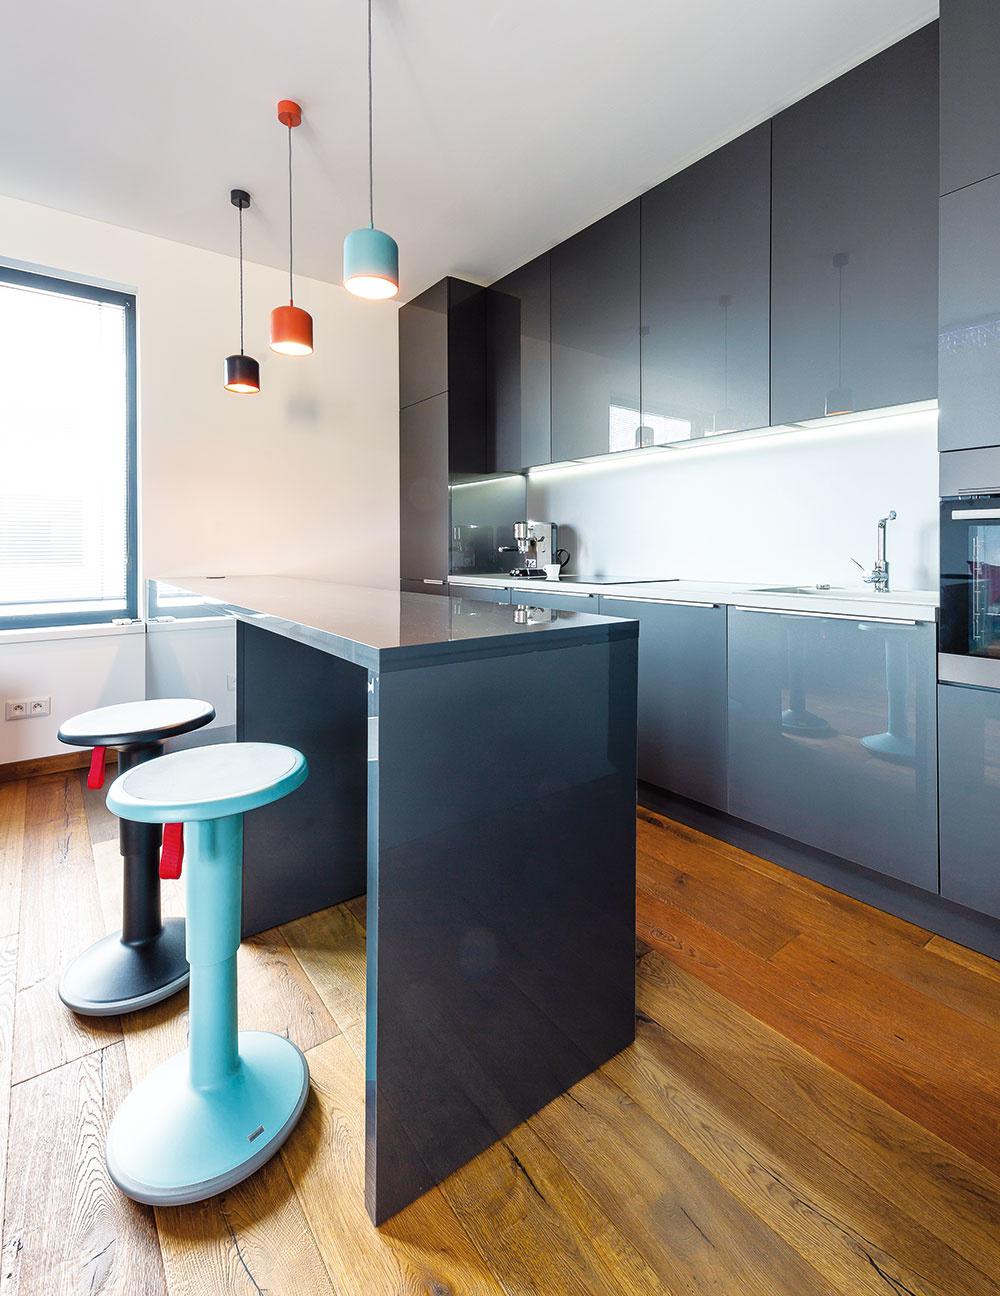 Vo večerných hodinách vytvárajú závesné svietidlá aj podsvietená kuchynská linka príjemnú atmosféru aopticky odčleňujú kuchyňu od obývacej časti.